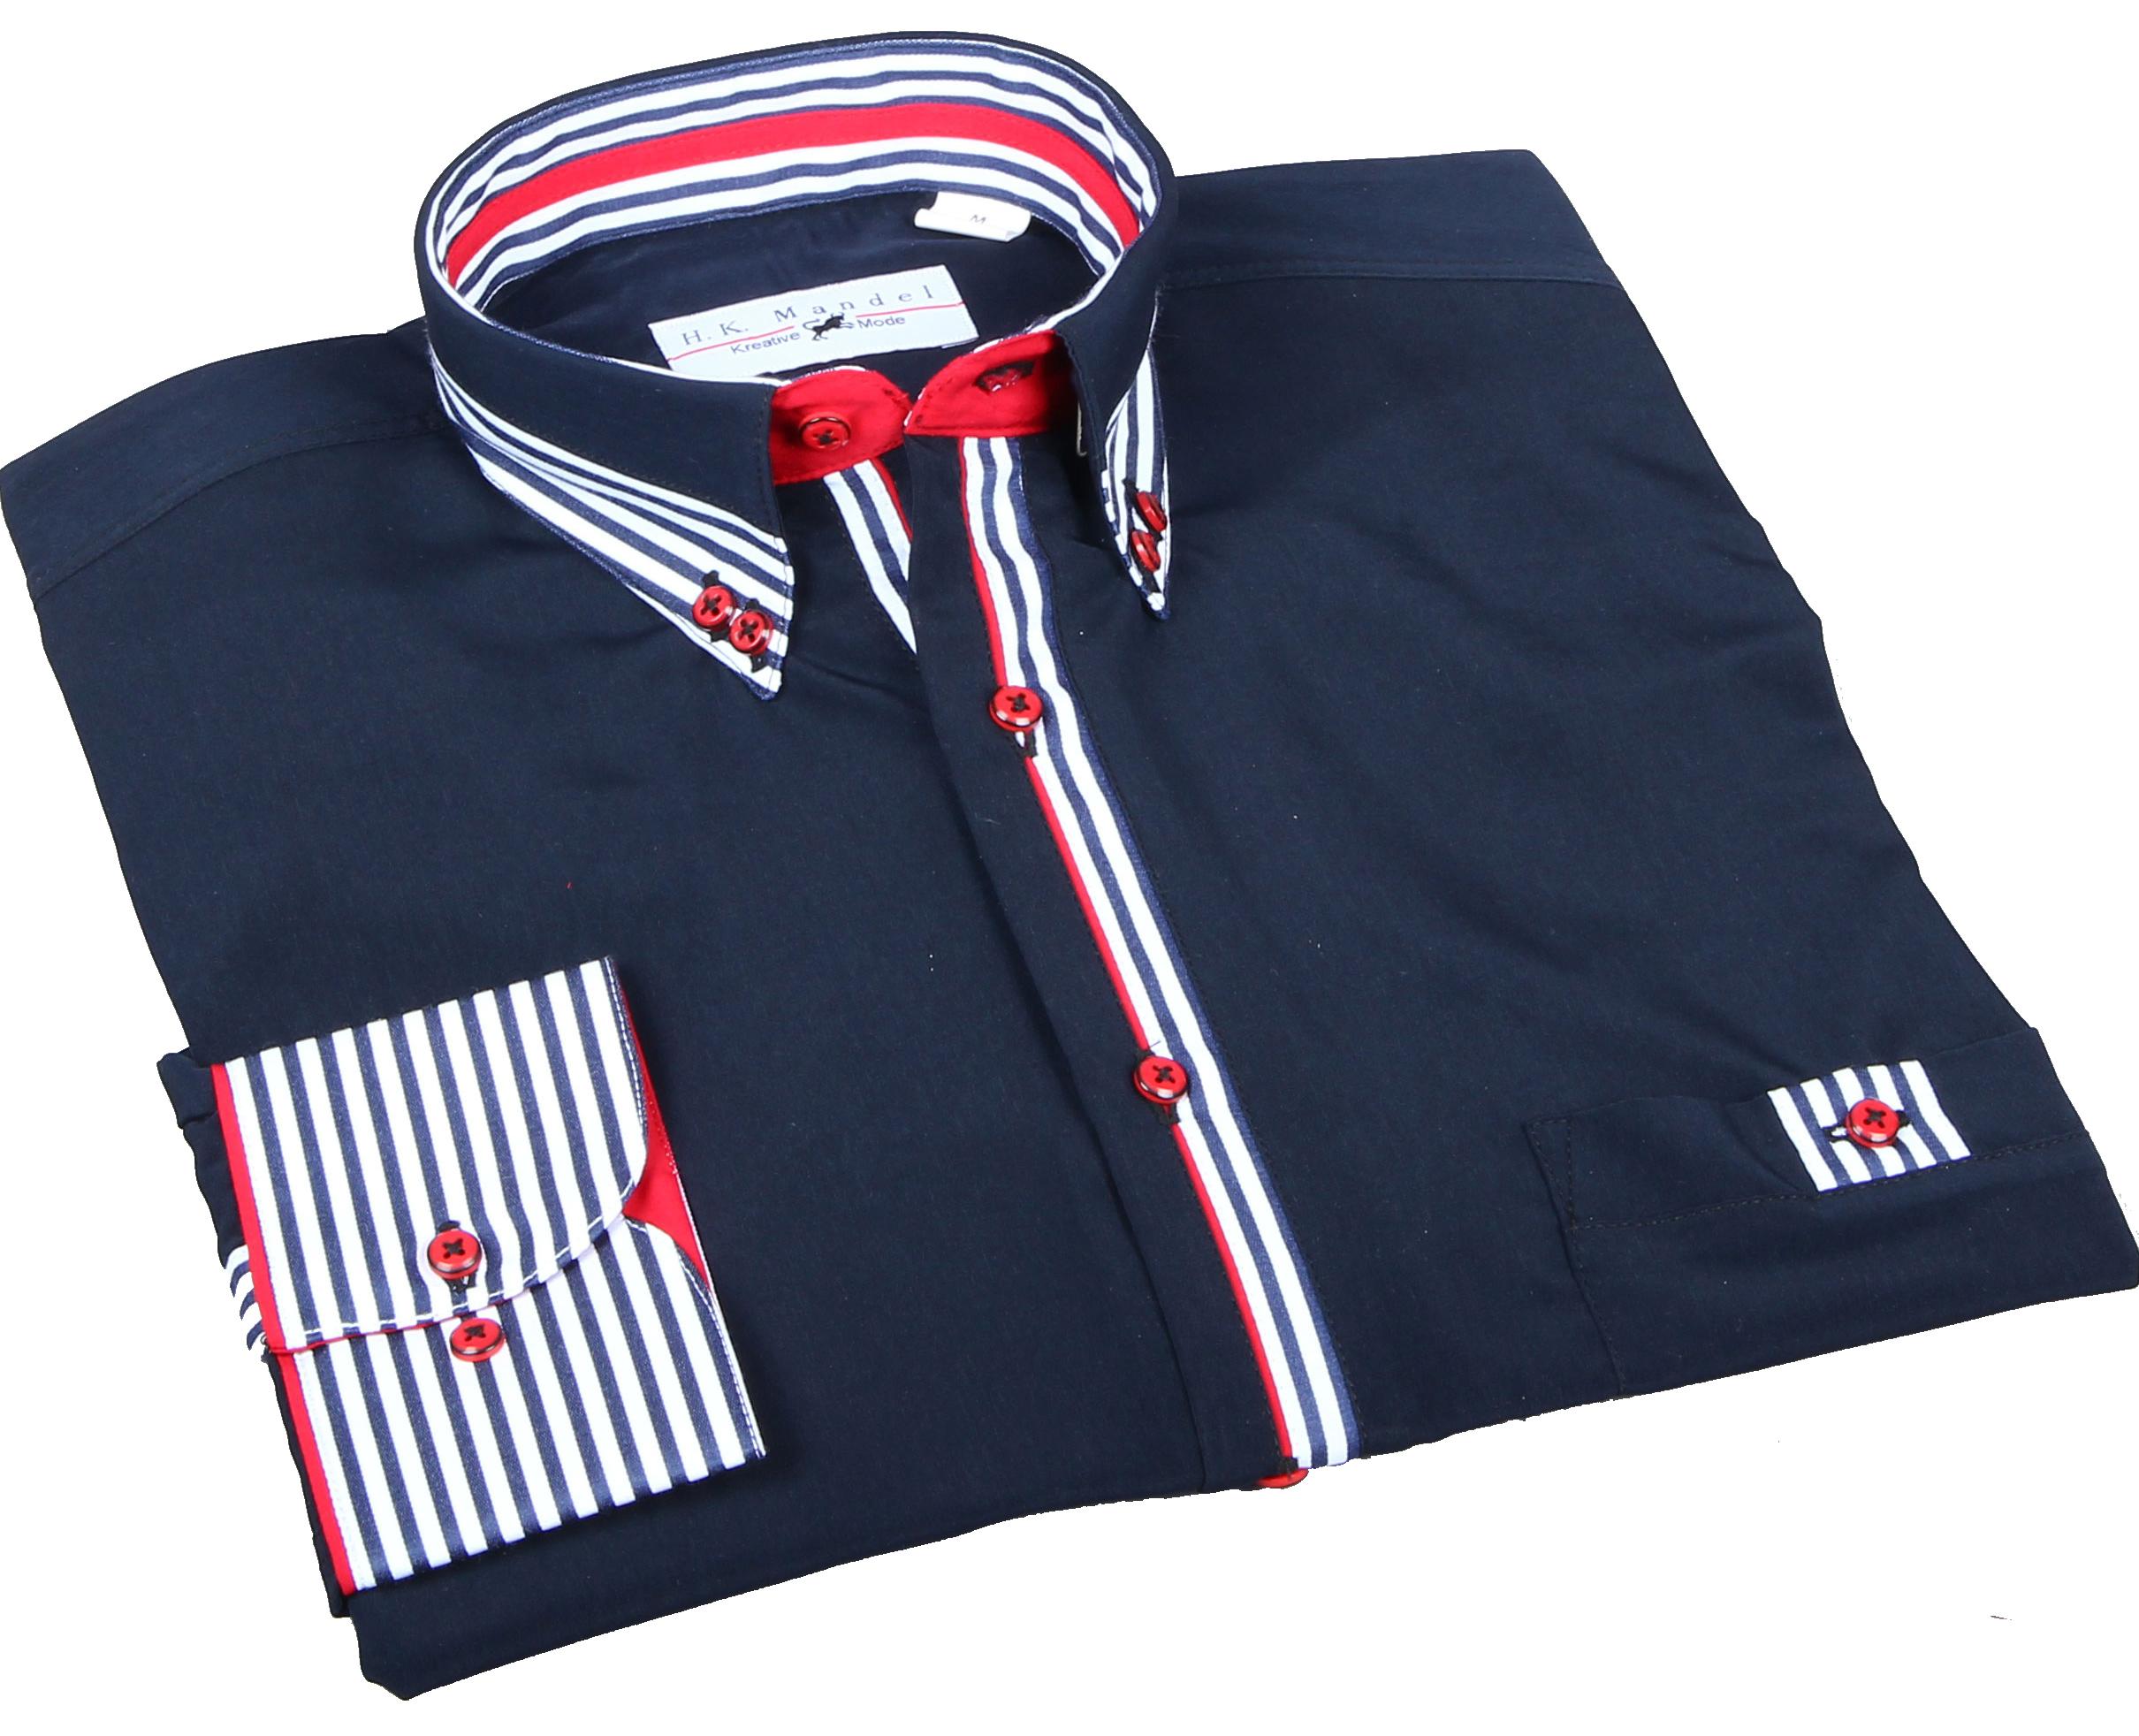 H.K. Mandel Kreative Mode für Männer - stylisches hemd, besonderes ... 7556380d4e